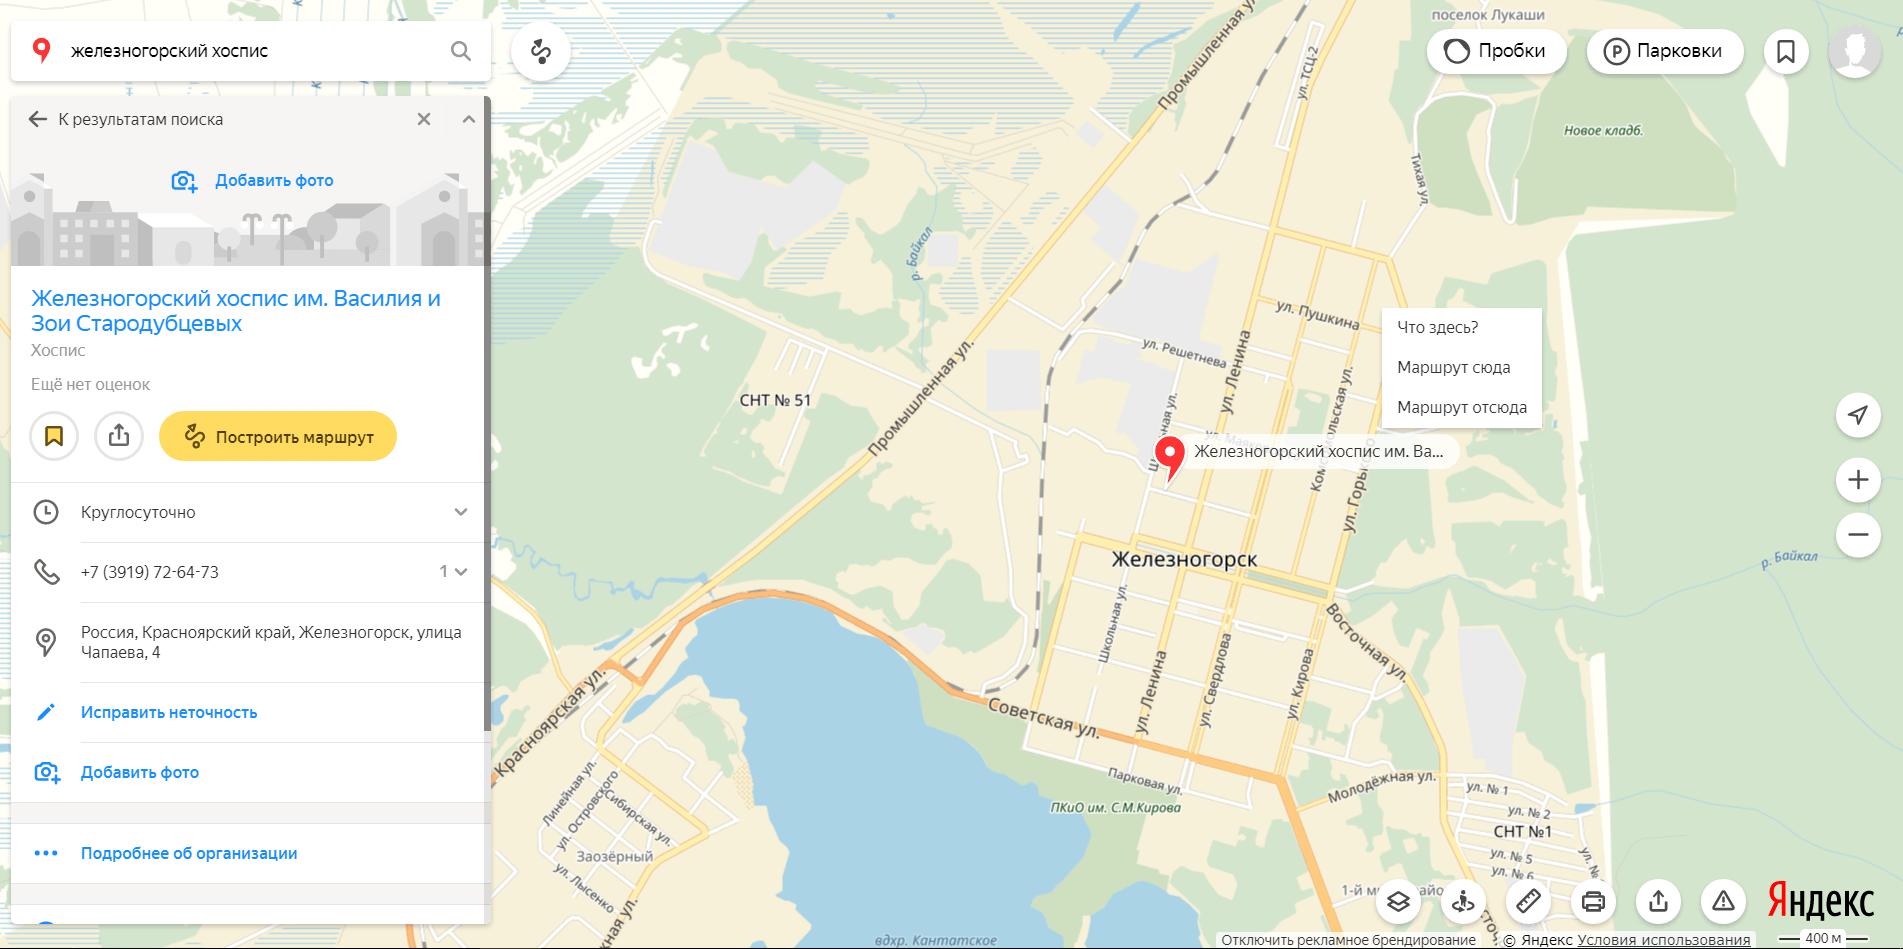 Железногорский хоспис им. Василия и Зои Стародубцевых появился на Яндекс и Google картах.